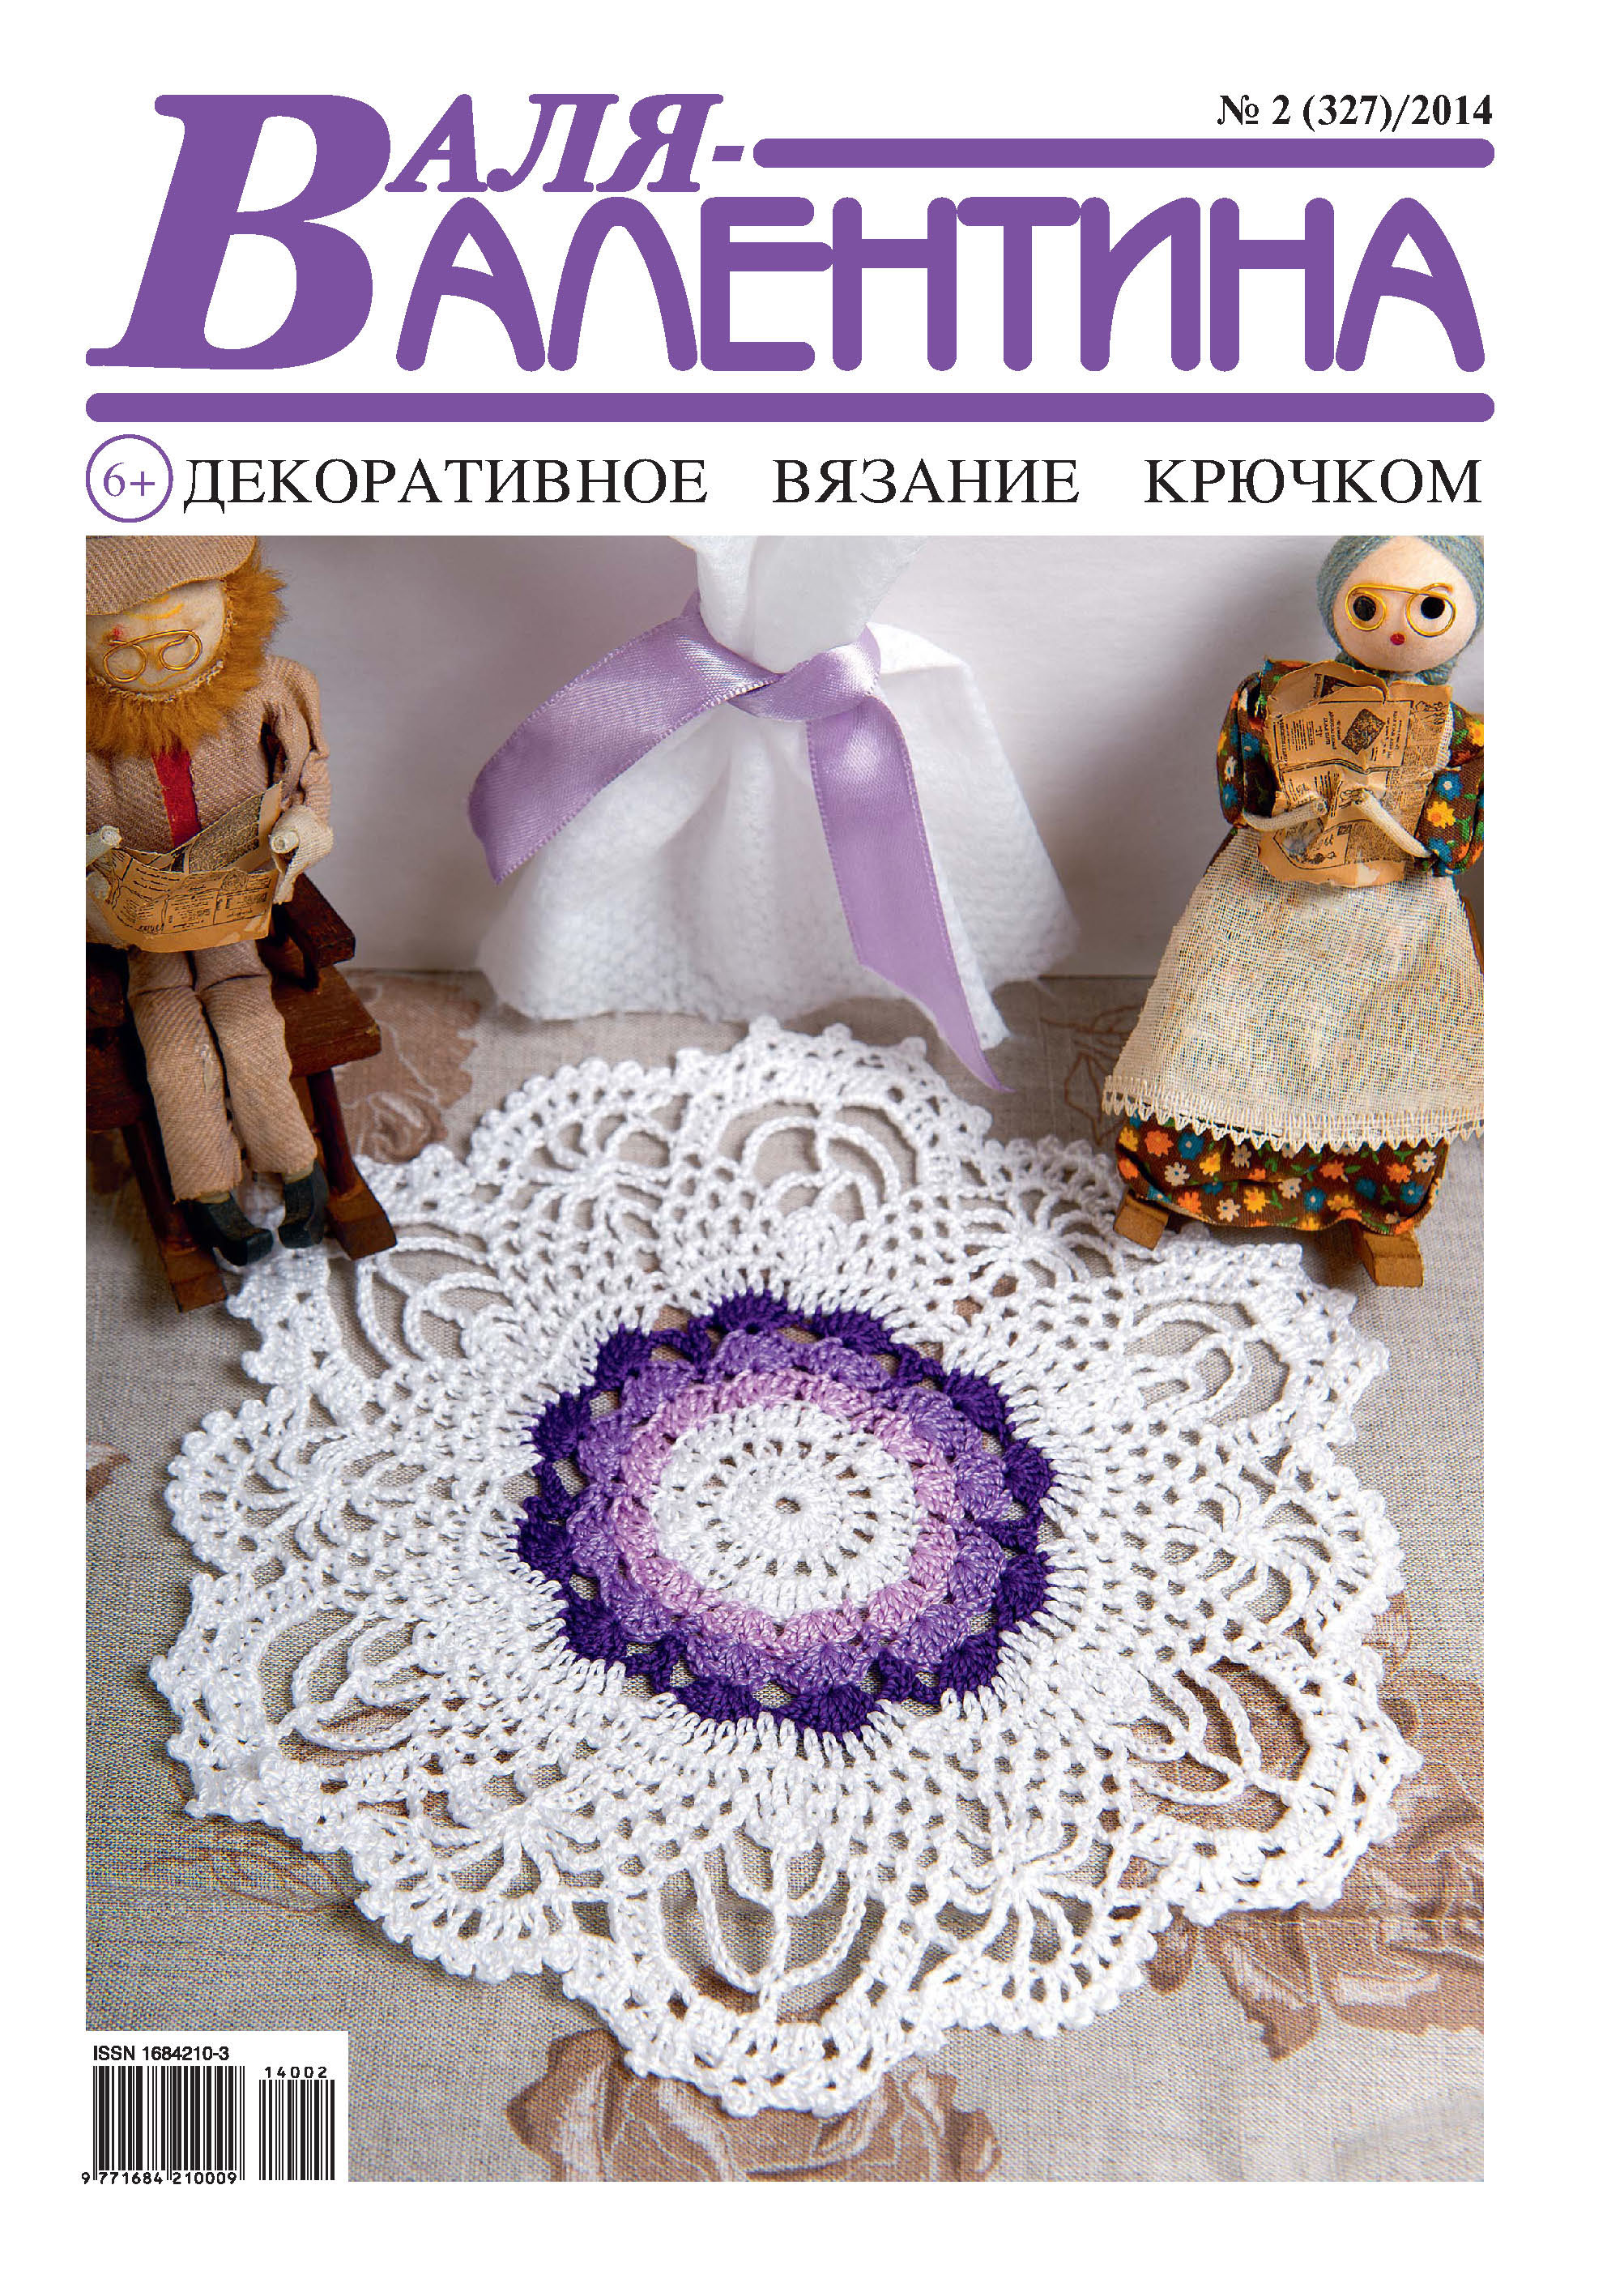 Валя-Валентина. Декоративное вязание крючком. №02/2014